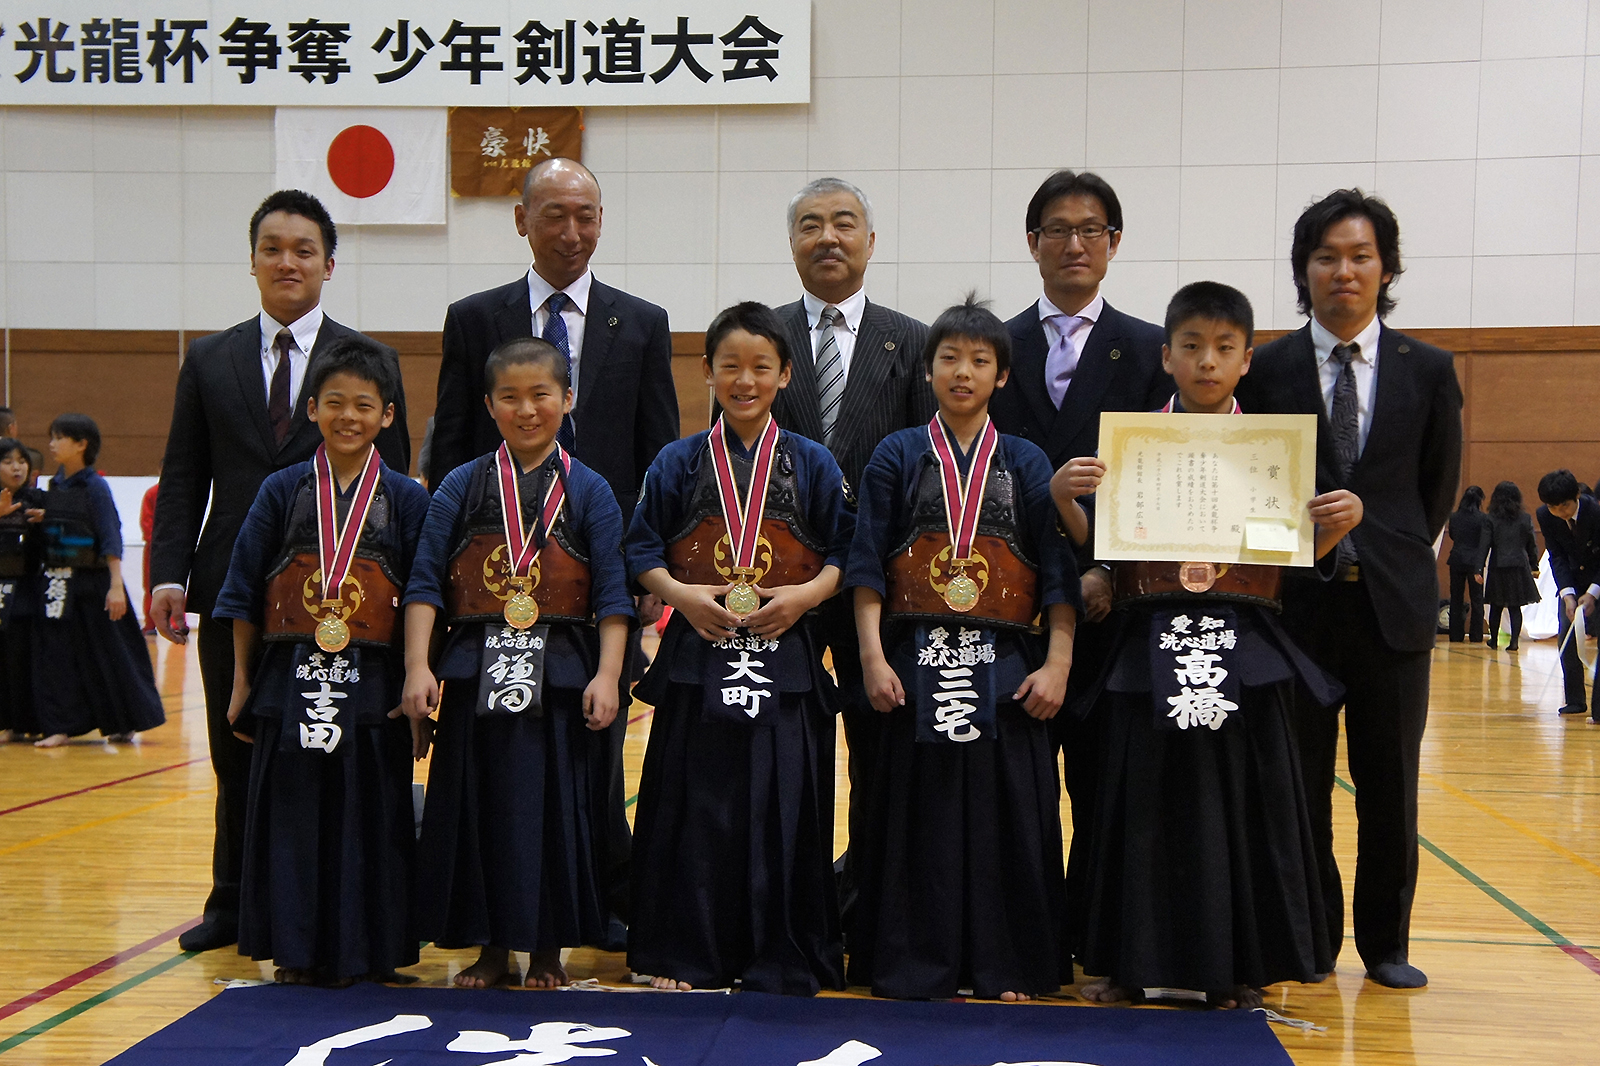 第10回光龍杯争奪少年剣道大会